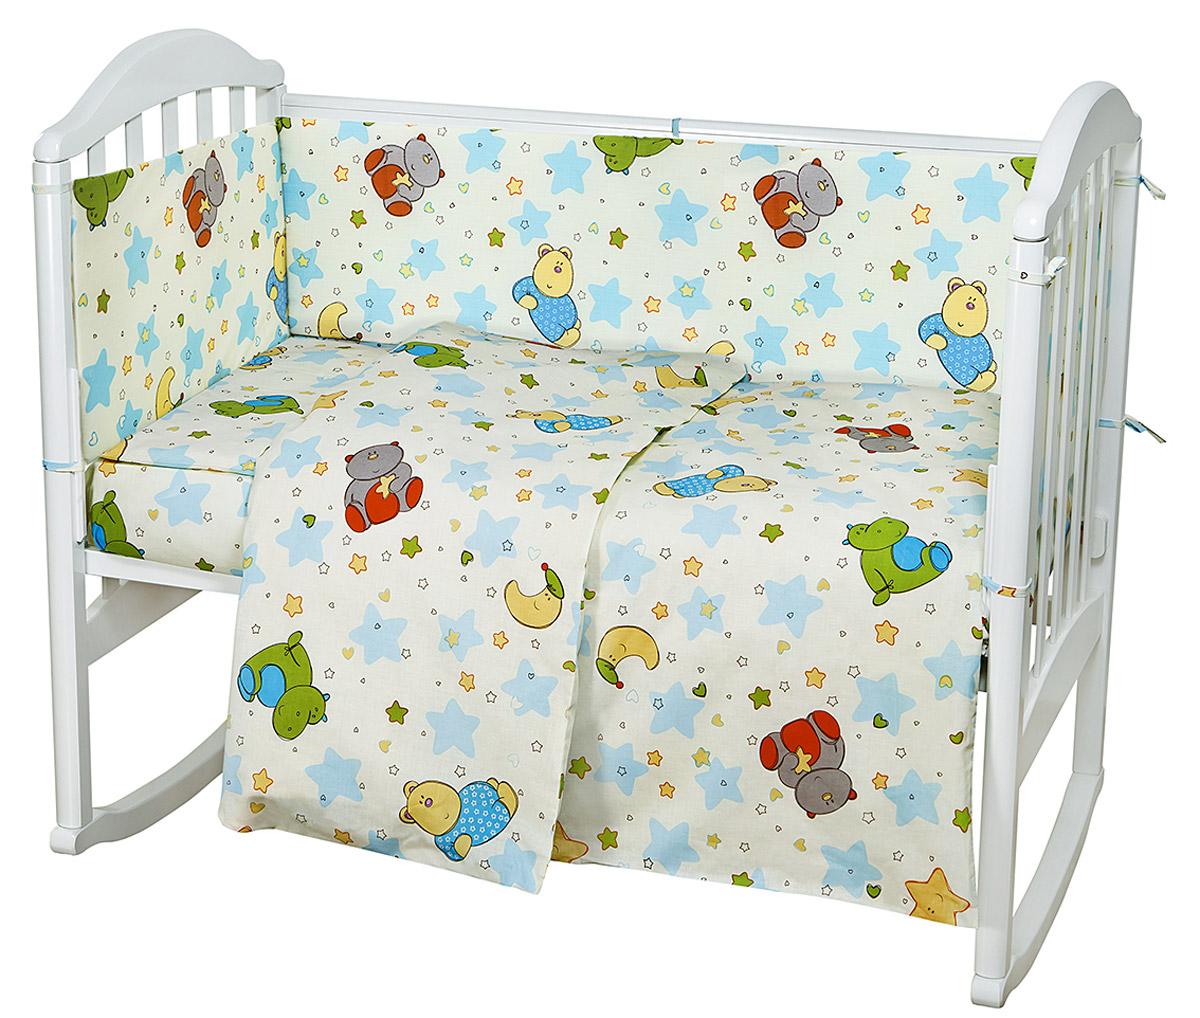 Комплект в кроватку 6 предметов. Звездопад желтыйН613-03Комплект в кроватку для самых маленьких должен быть изготовлен только из самой качественной ткани, самой безопасной и гигиеничной, самой экологичной и гипоаллергенной. Отлично подходит для кроваток малышей, которые часто двигаются во сне. Хлопковое волокно прекрасно переносит стирку, быстро сохнет и не требует особого ухода, не линяет и не вытягивается. Ткань прошла специальную обработку по умягчению, что сделало её невероятно мягкой и приятной к телу.